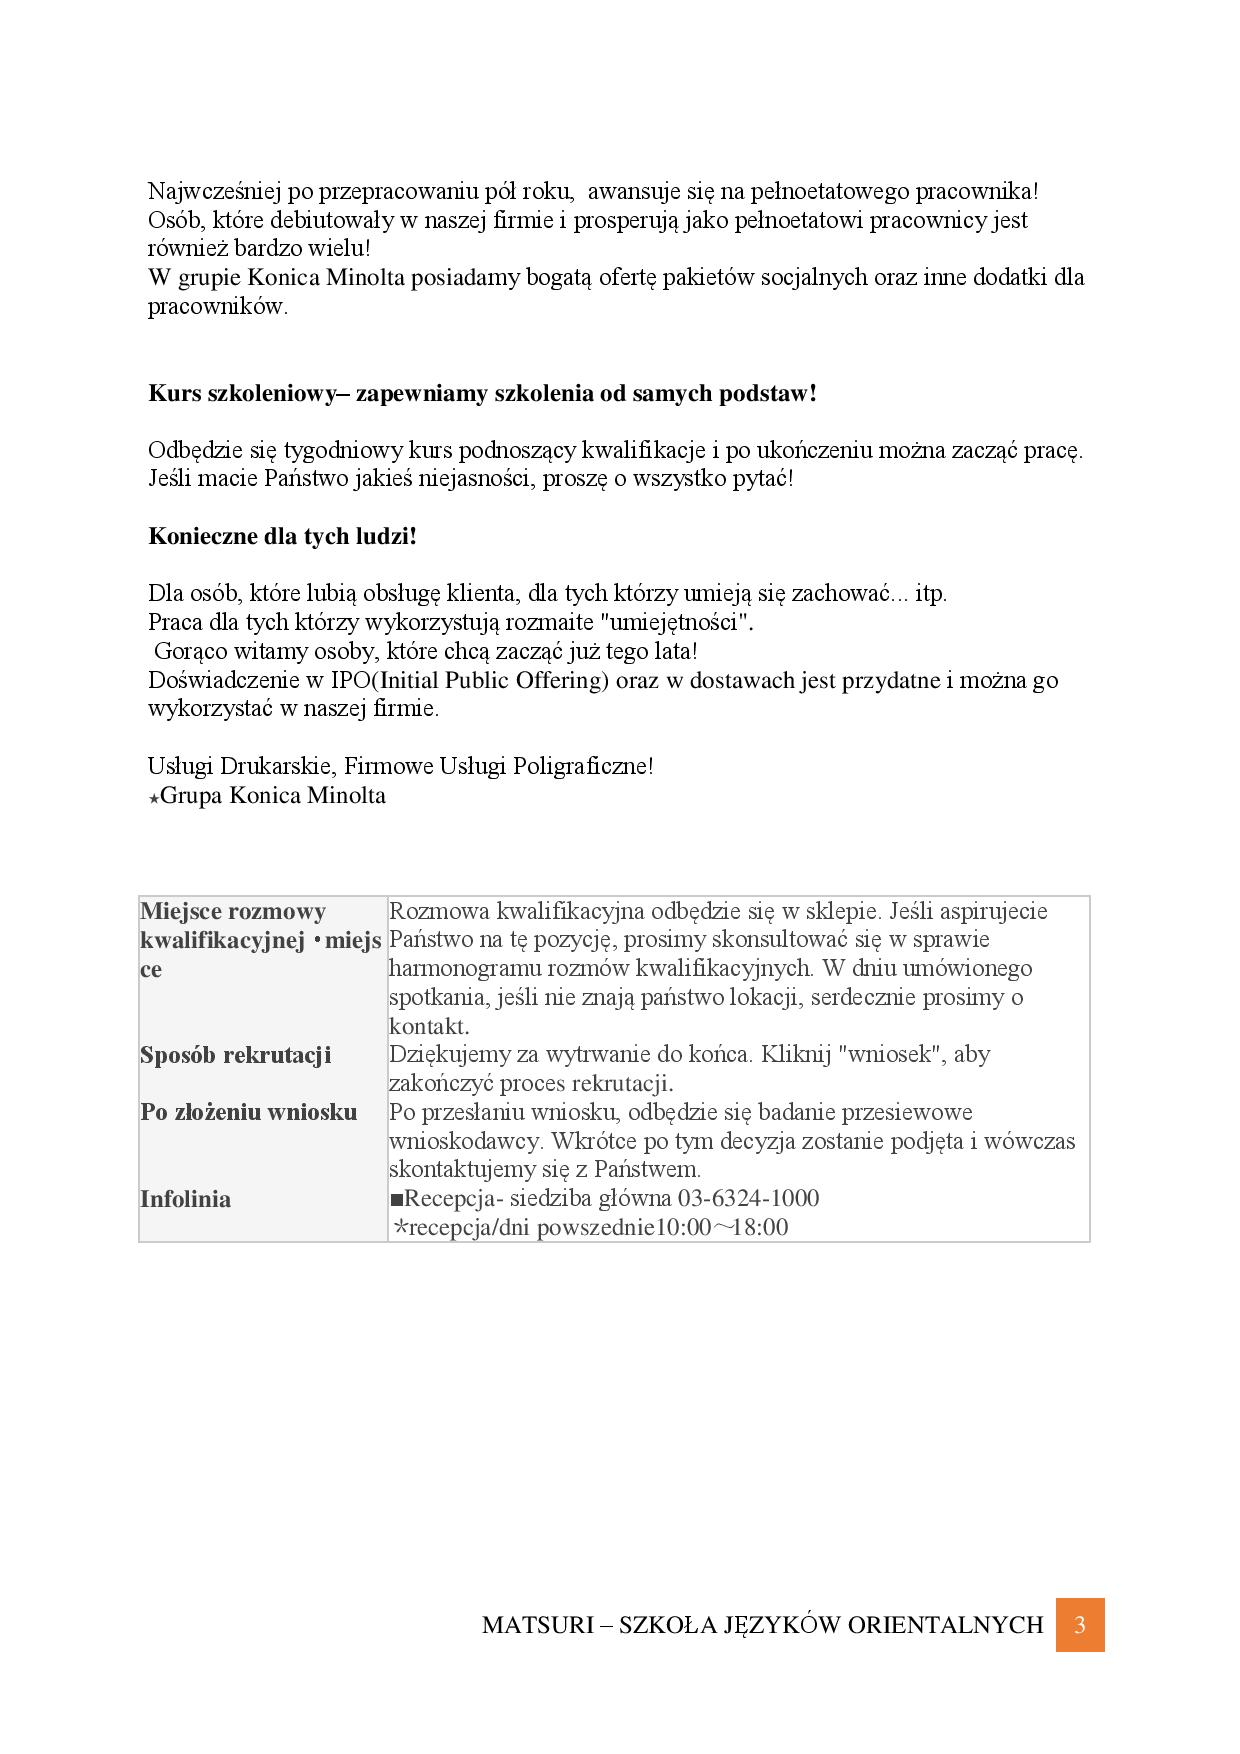 Ogłoszenie o pracę - przykładowe tłumaczenie (poziom średnio-zaawansowany)-page-003